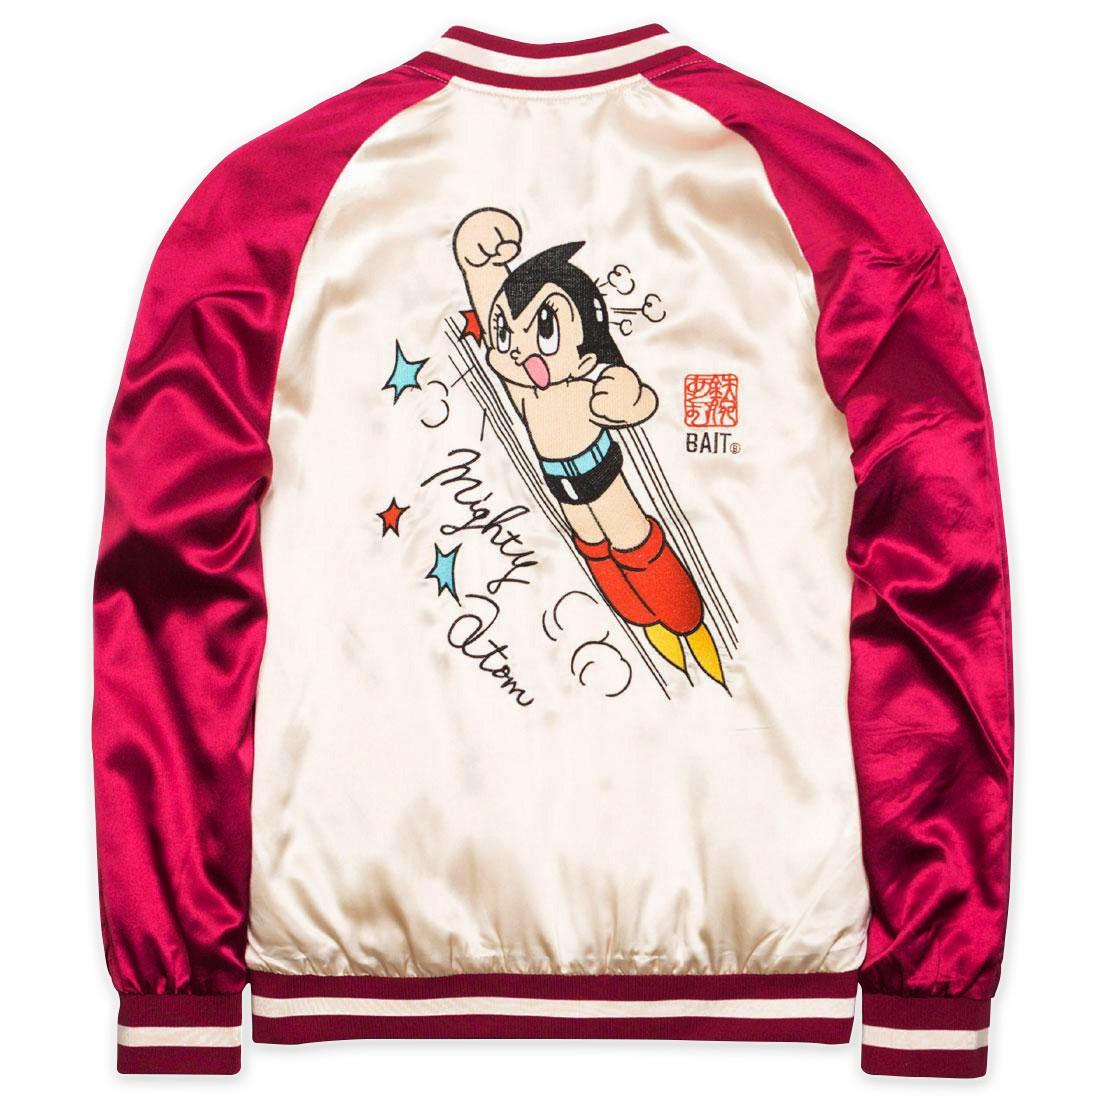 BAIT x Astro Boy Men Mighty Atom Souvenir Jacket (maroon / white)